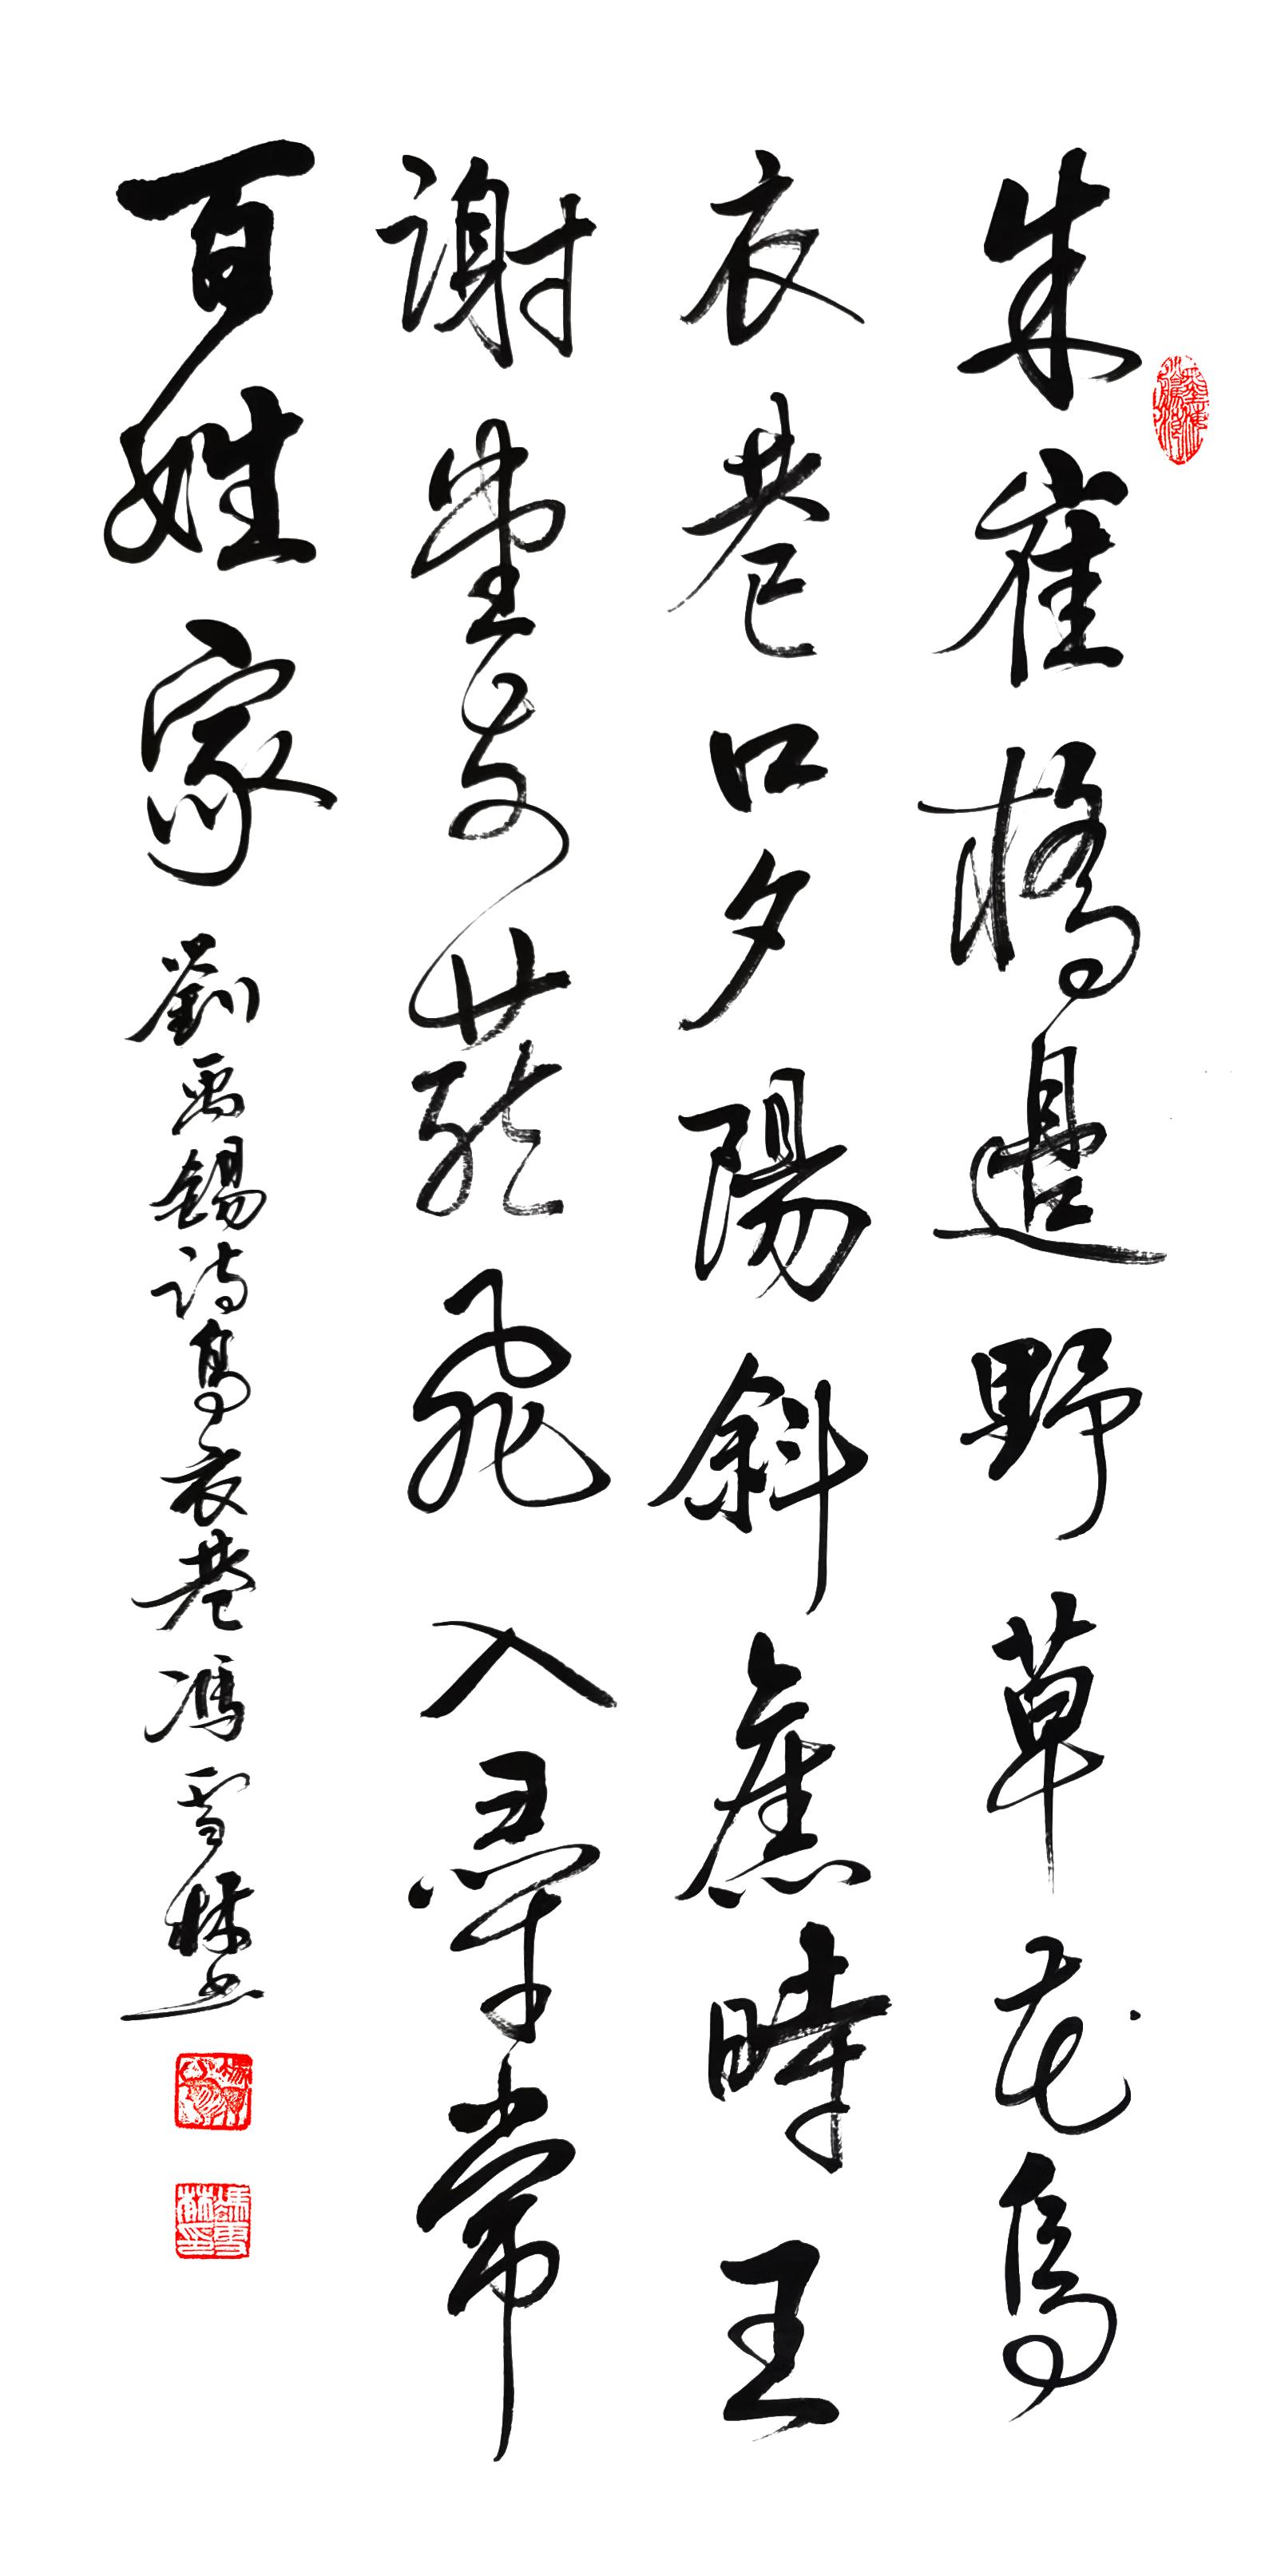 刘禹锡《乌衣巷》书法作品欣赏